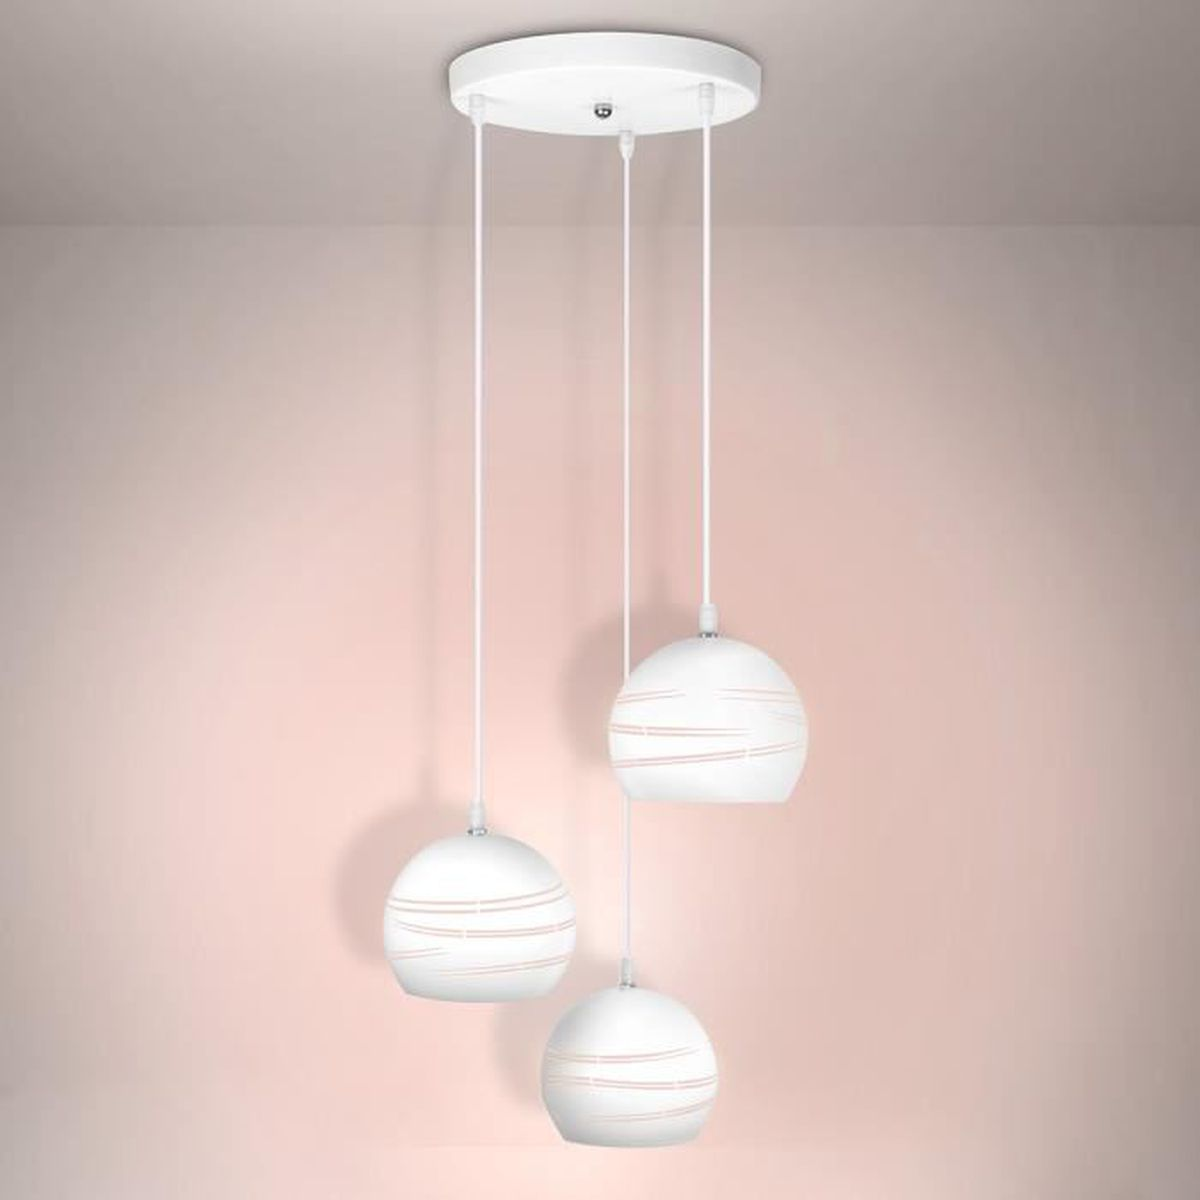 Lampe Salon Salle À Manger lampe suspension lustre pour salle à manger salon/cuisine